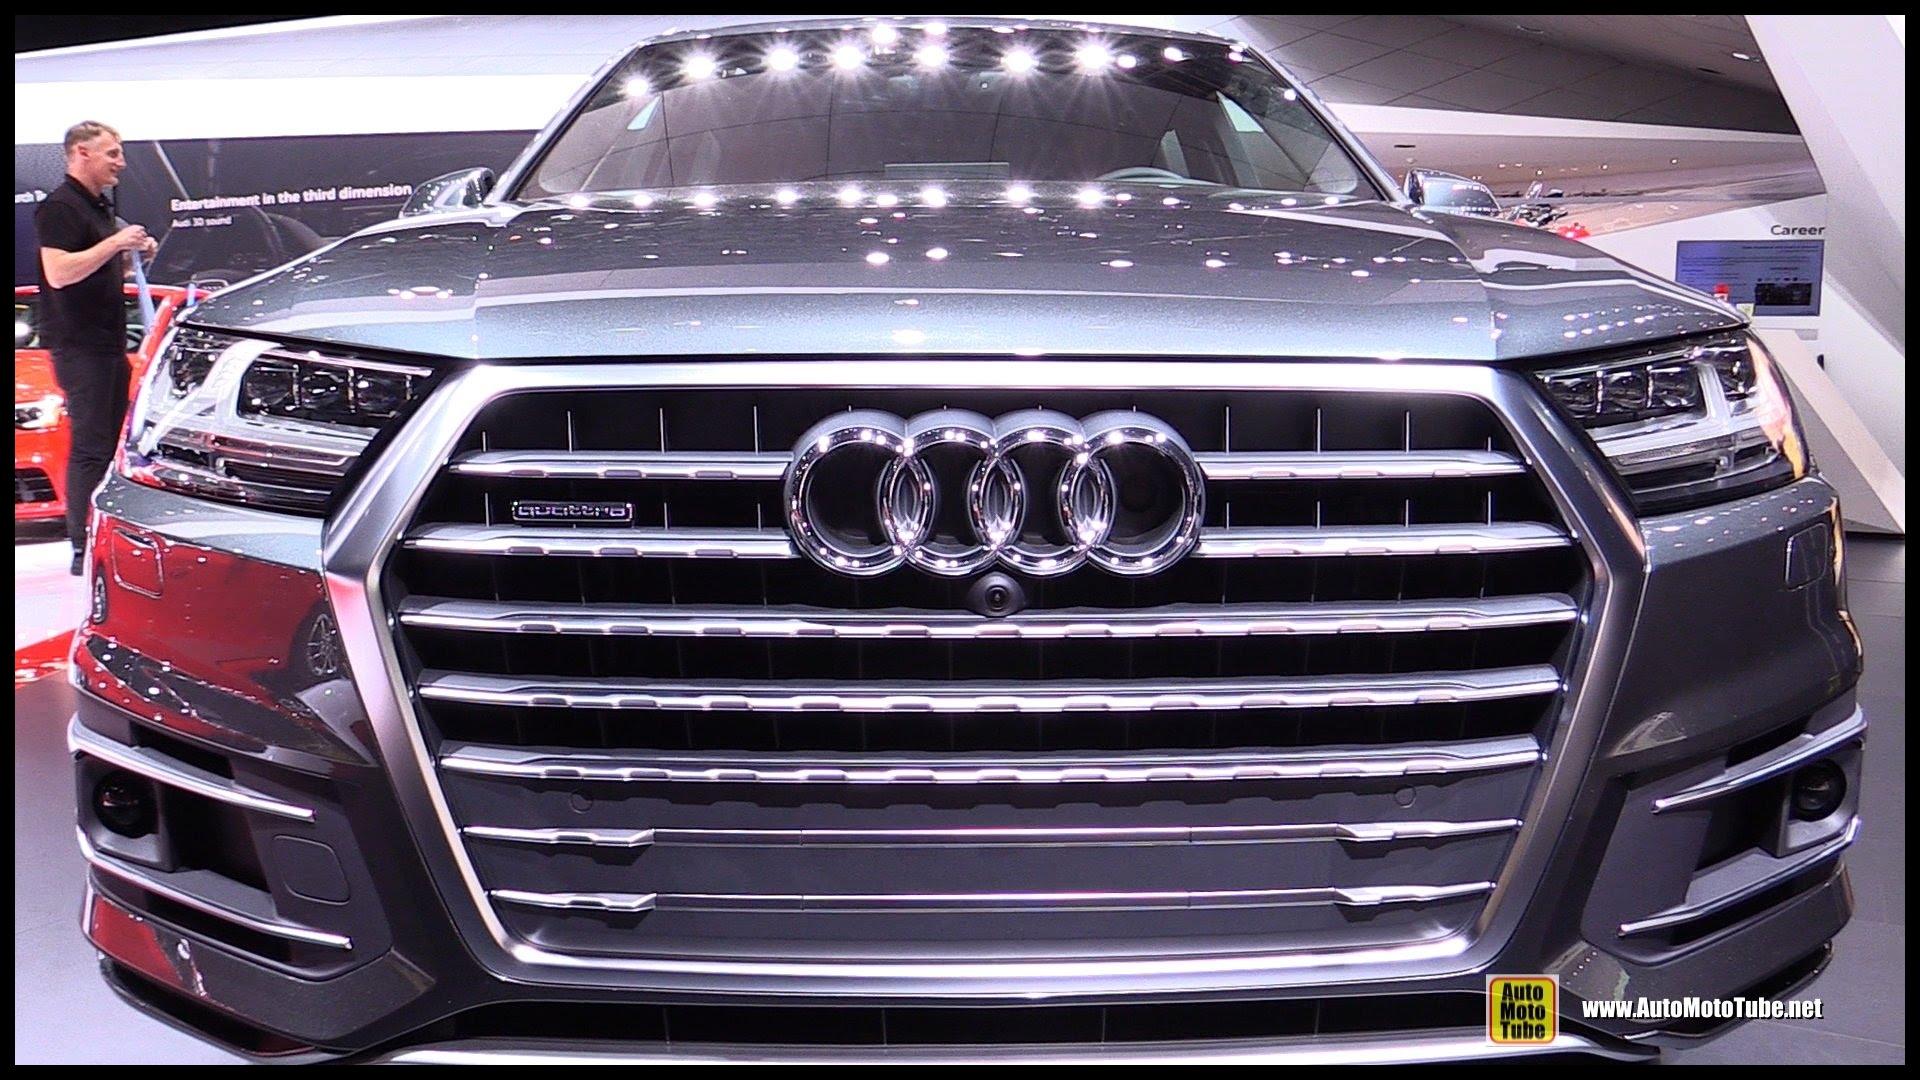 2016 Audi Q7 TDI Quattro Exterior and Interior Walkaround Debut at 2015 Detroit Auto Show